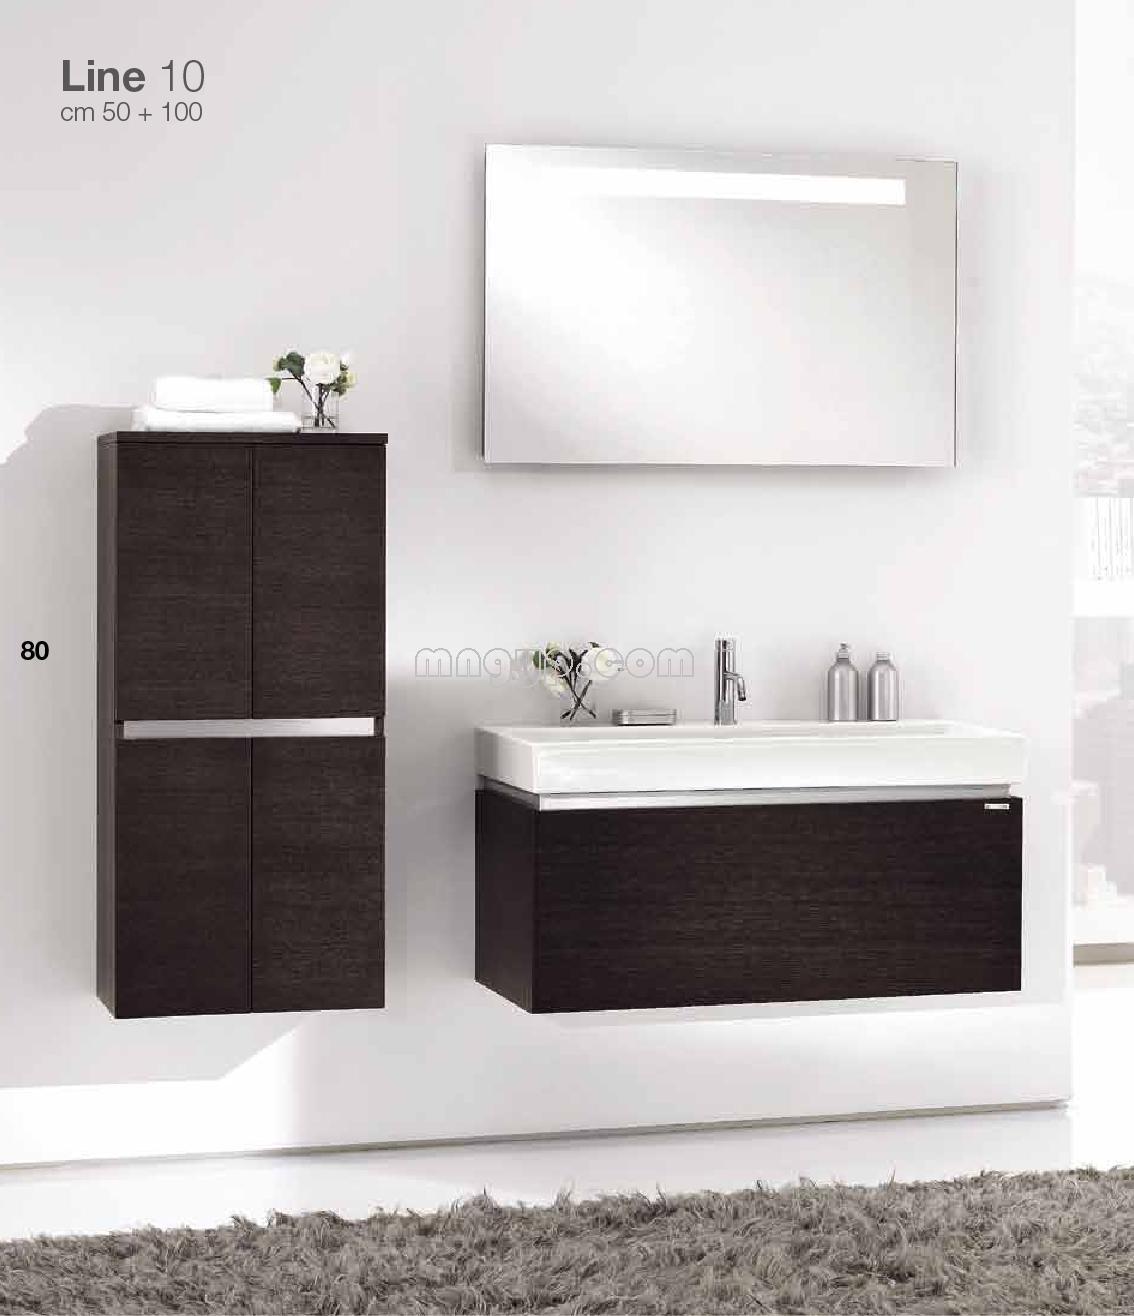 国外卫浴家具设计素材_礼品设计